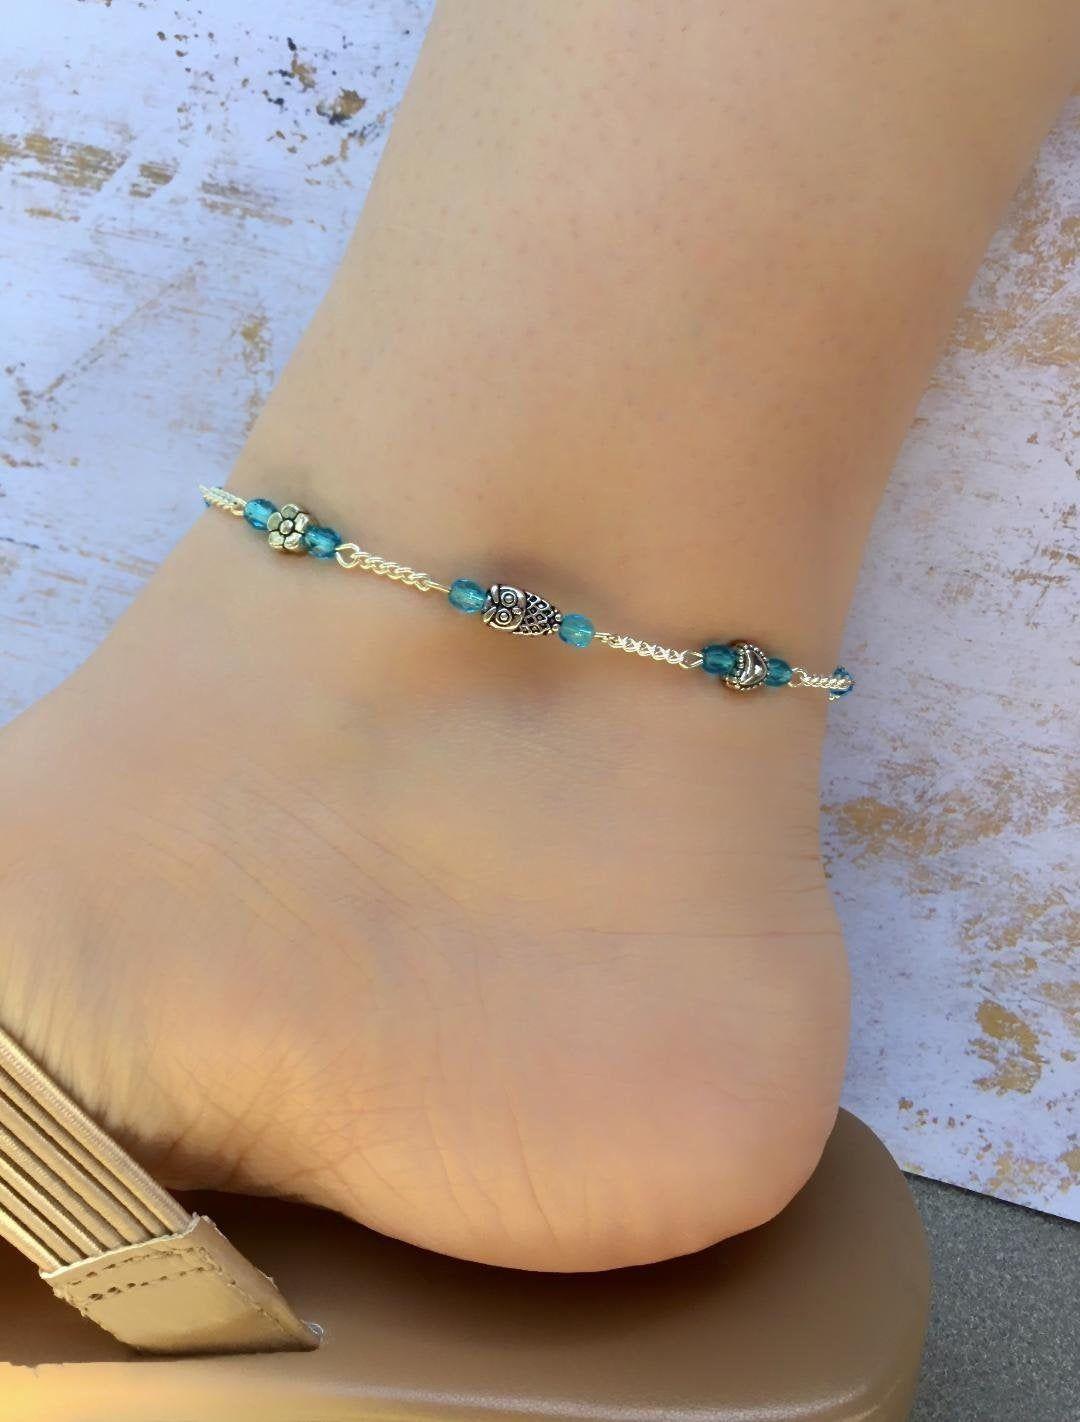 Owl Jewelry Beach Anklets